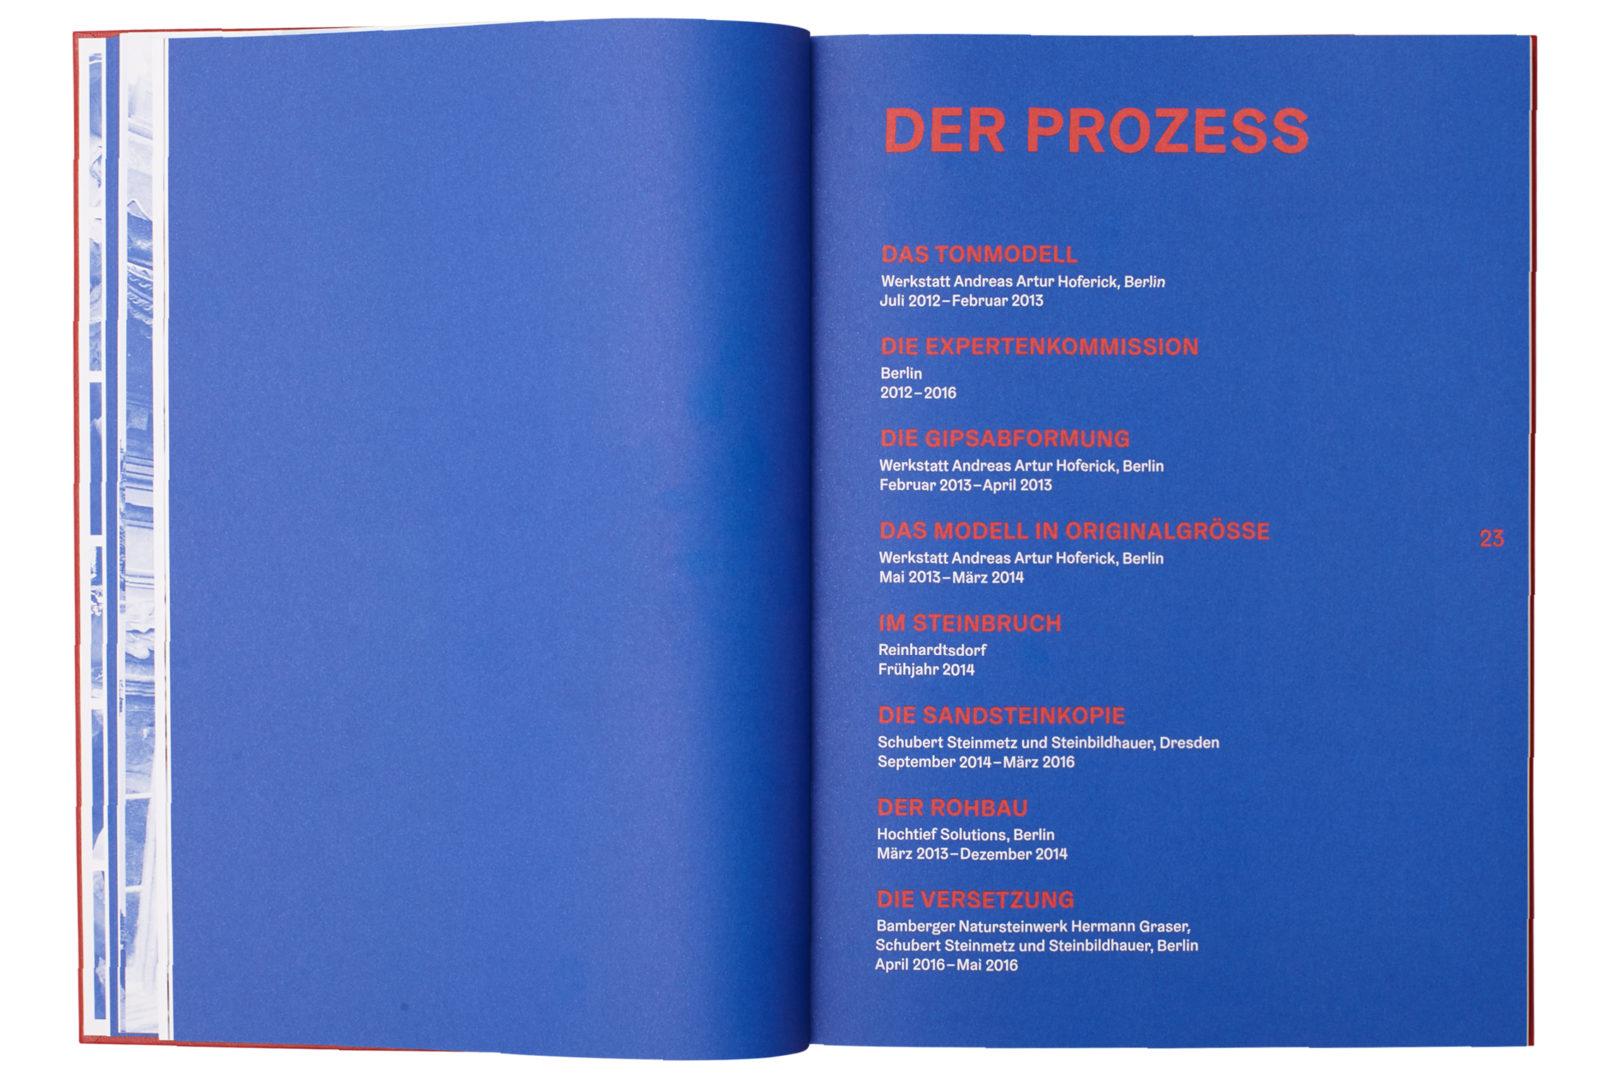 http://e-o-t.de/wordpress/wp-content/uploads/2018/07/eot-2017-Barock-Book-19.jpg